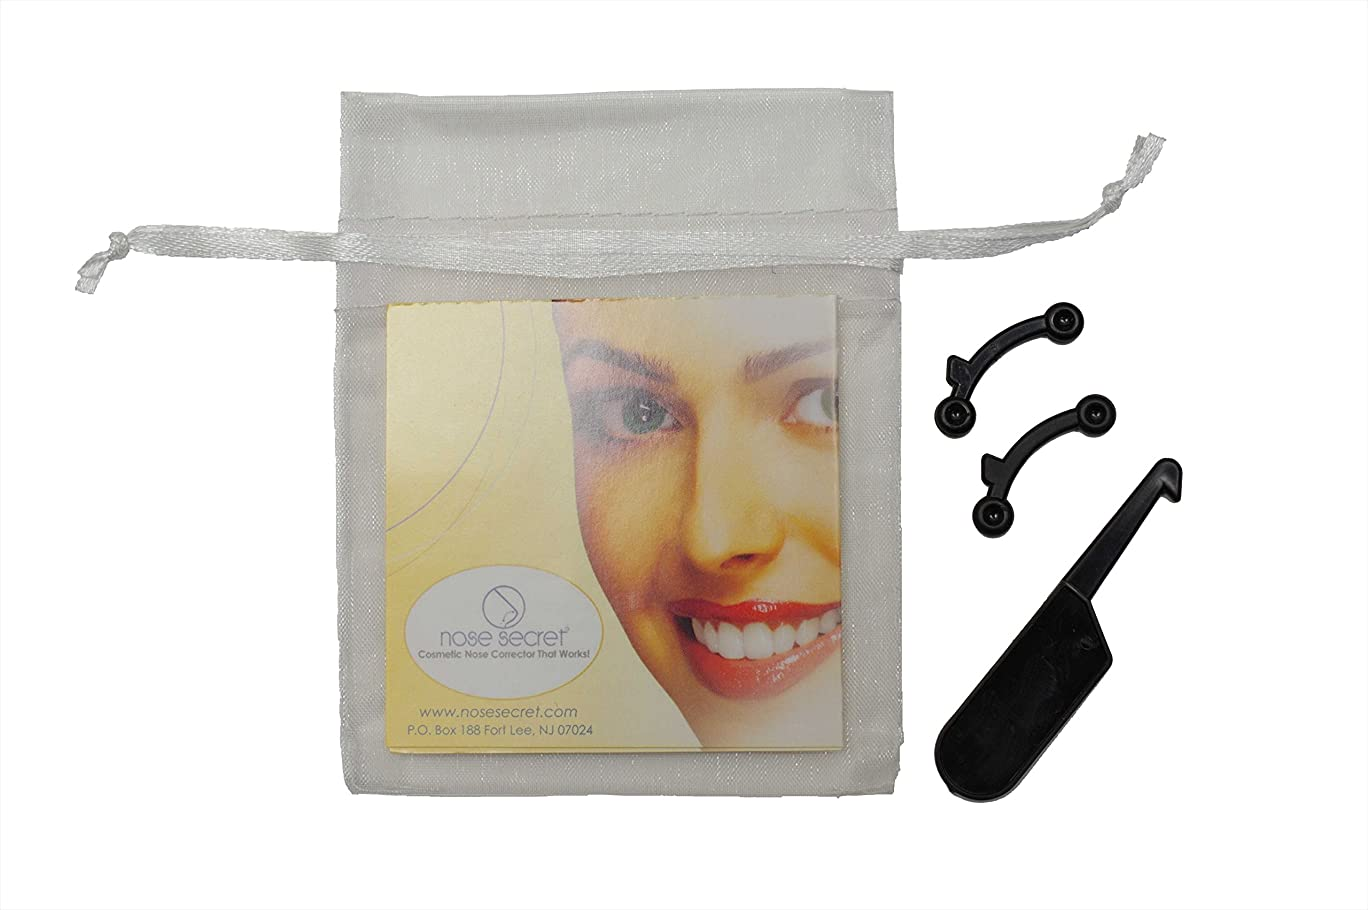 ニックネームコロニアルスカープNOSE SECRET (ノーズシークレット) 鼻のアイプチ 正規品 アメリカ製 S